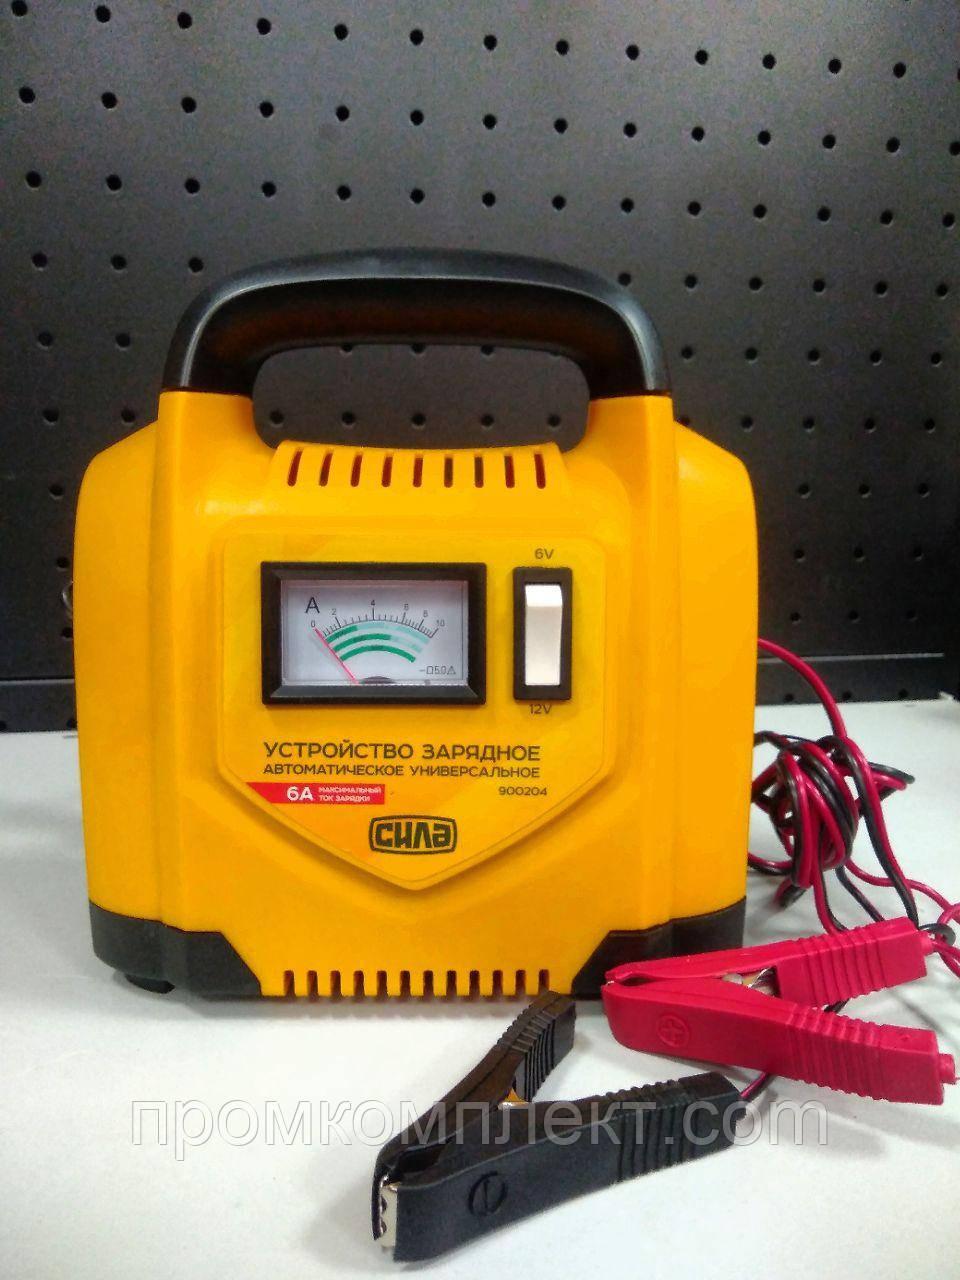 Зарядное устройство для авто 6А, 6-12В, до 120Ah СИЛА